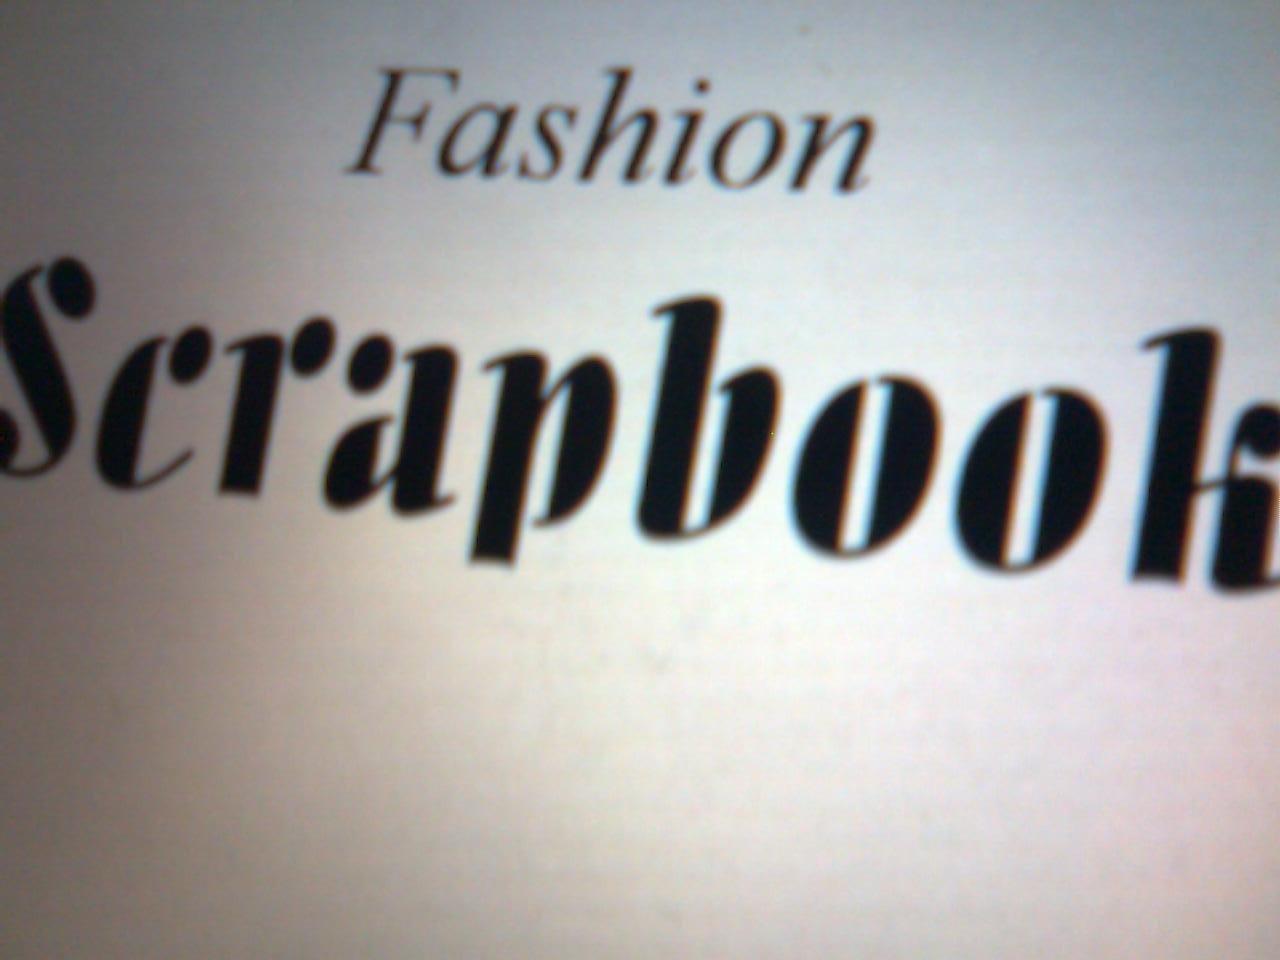 ScrapbookLogo1 3GP Desi Porn Videos Collection(More than 100 Videos)